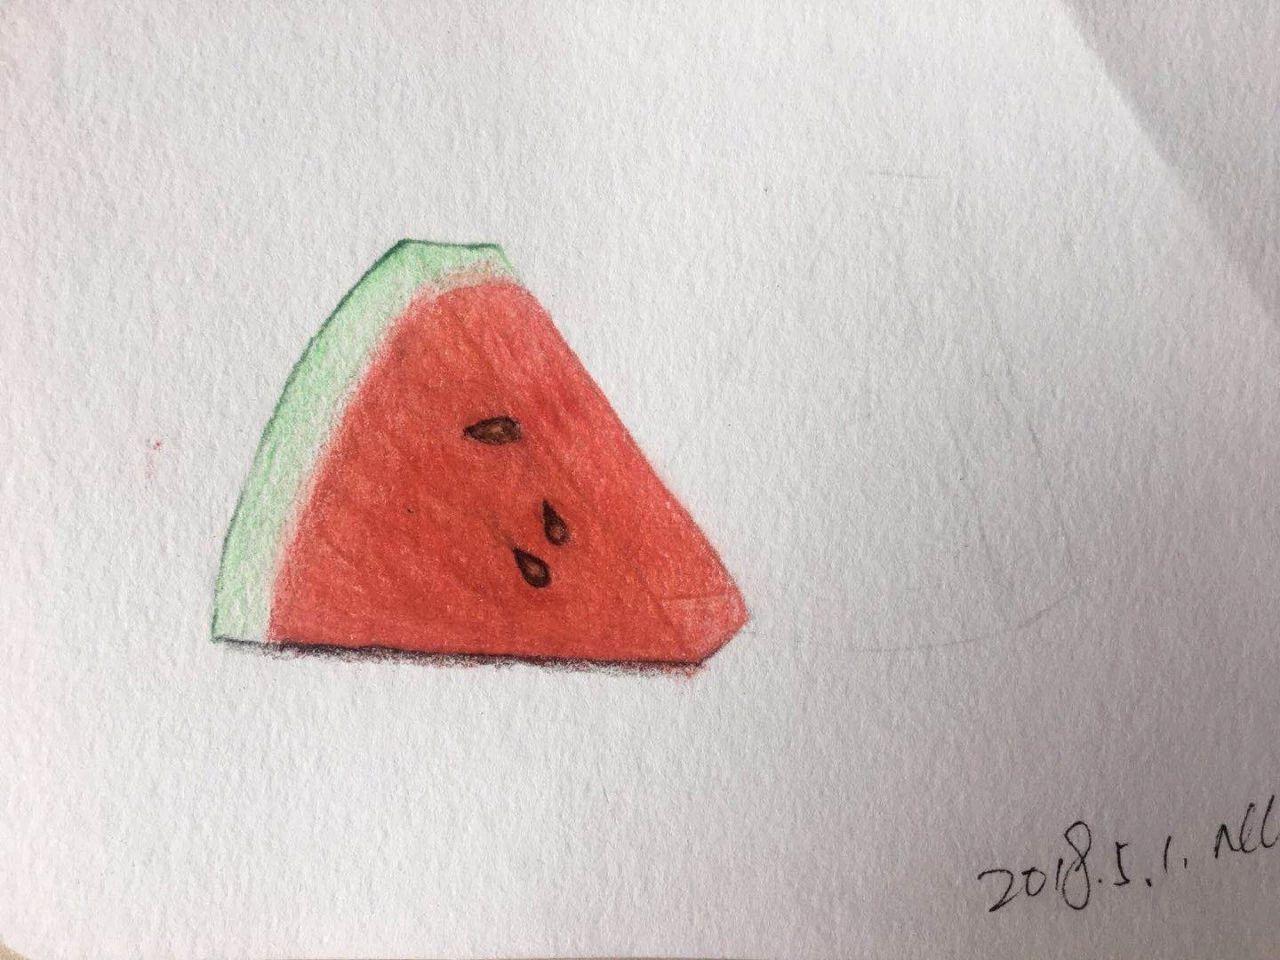 零基础绘画教程-彩铅《西瓜》